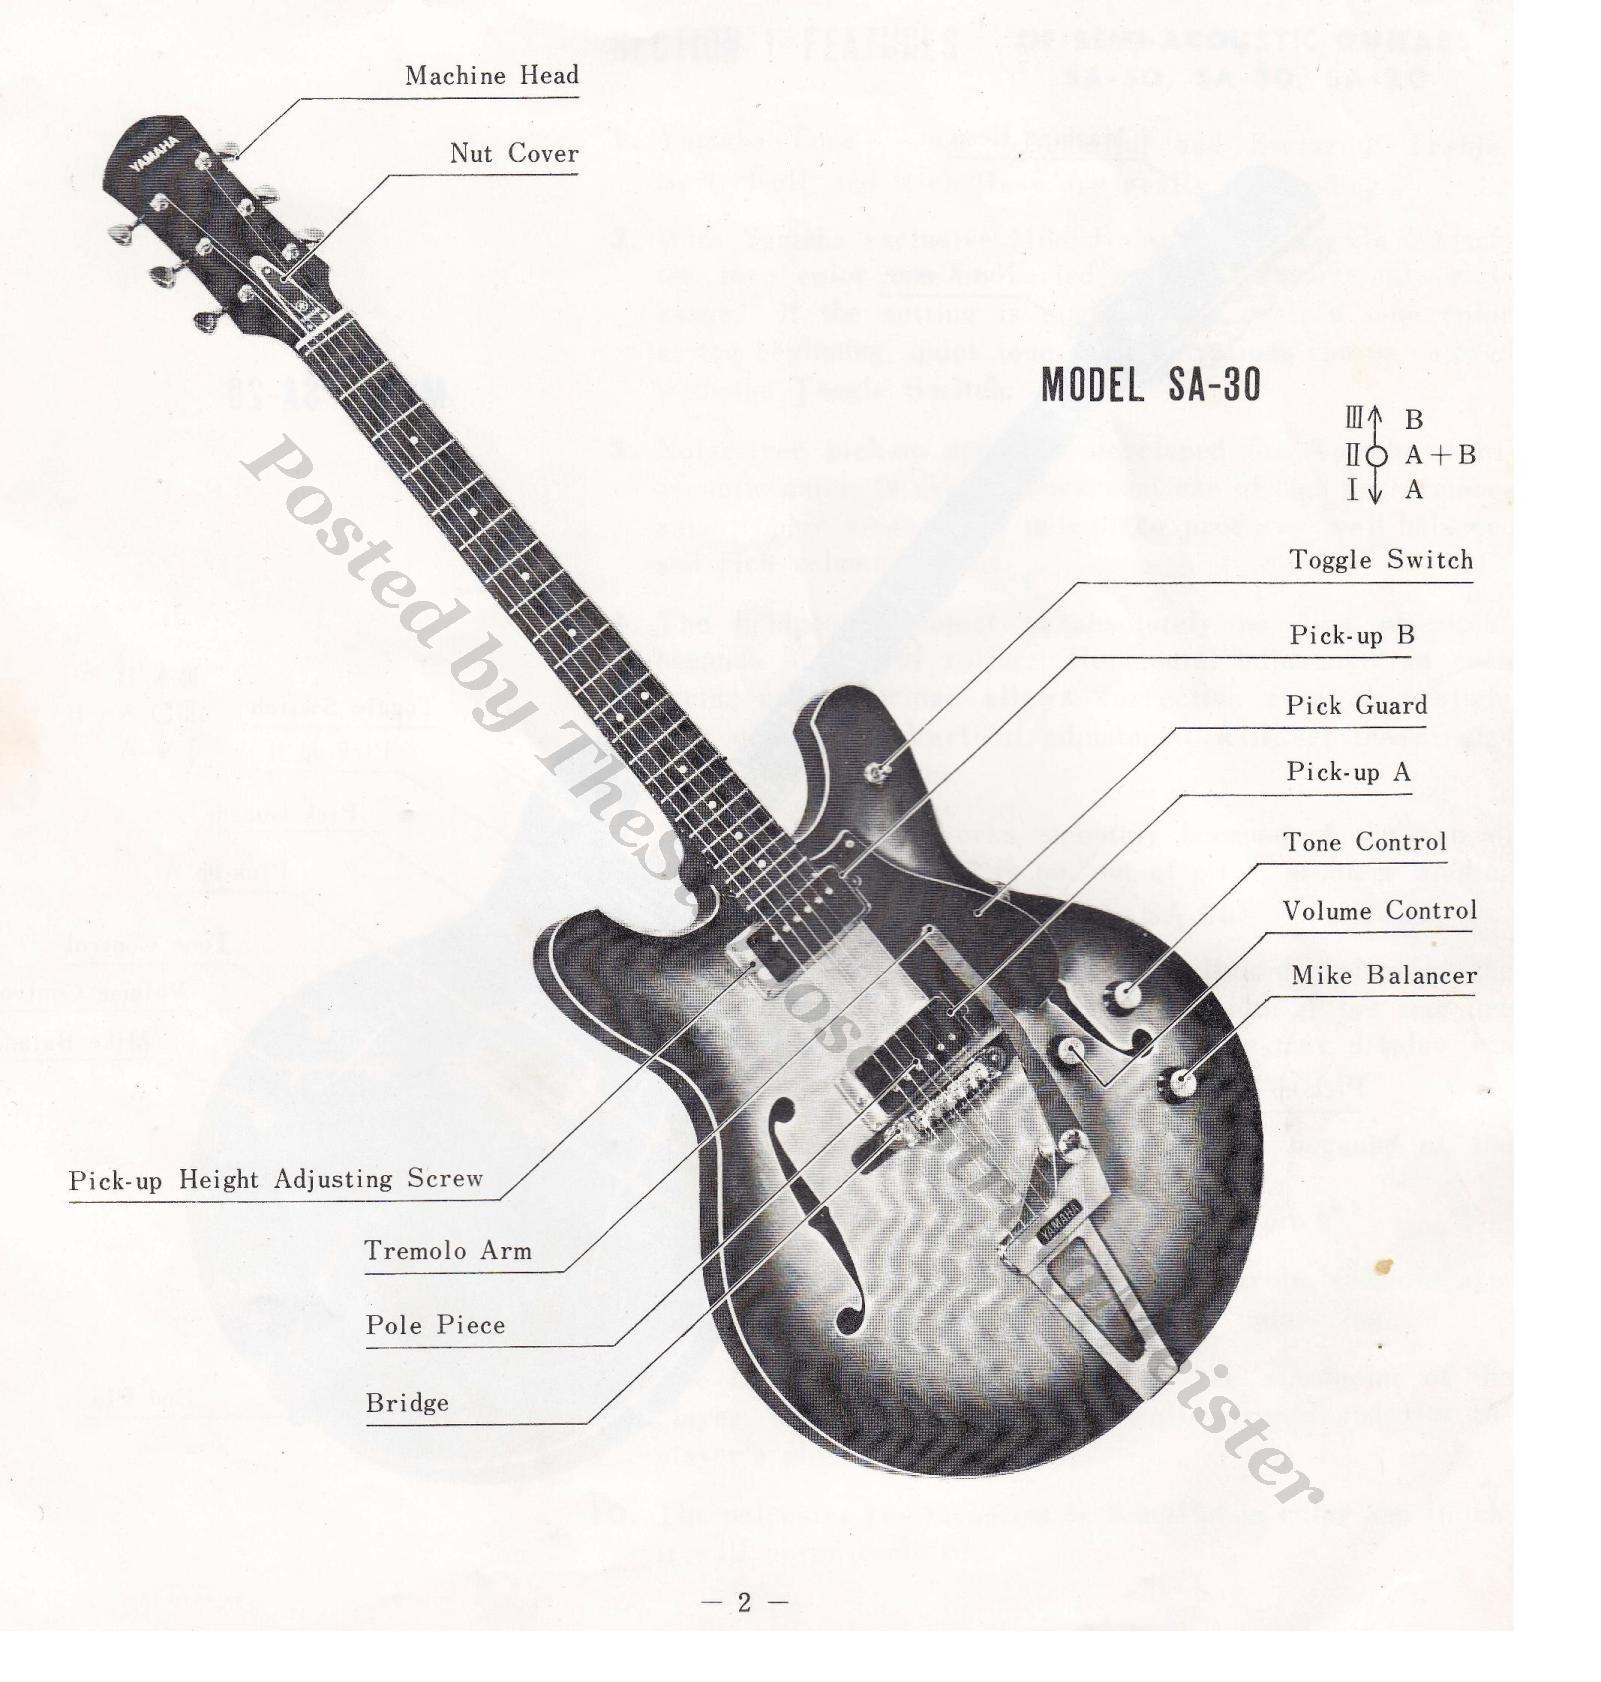 yamaha guitar wiring diagram 2016 ford fiesta radio mosrite pickup suhr